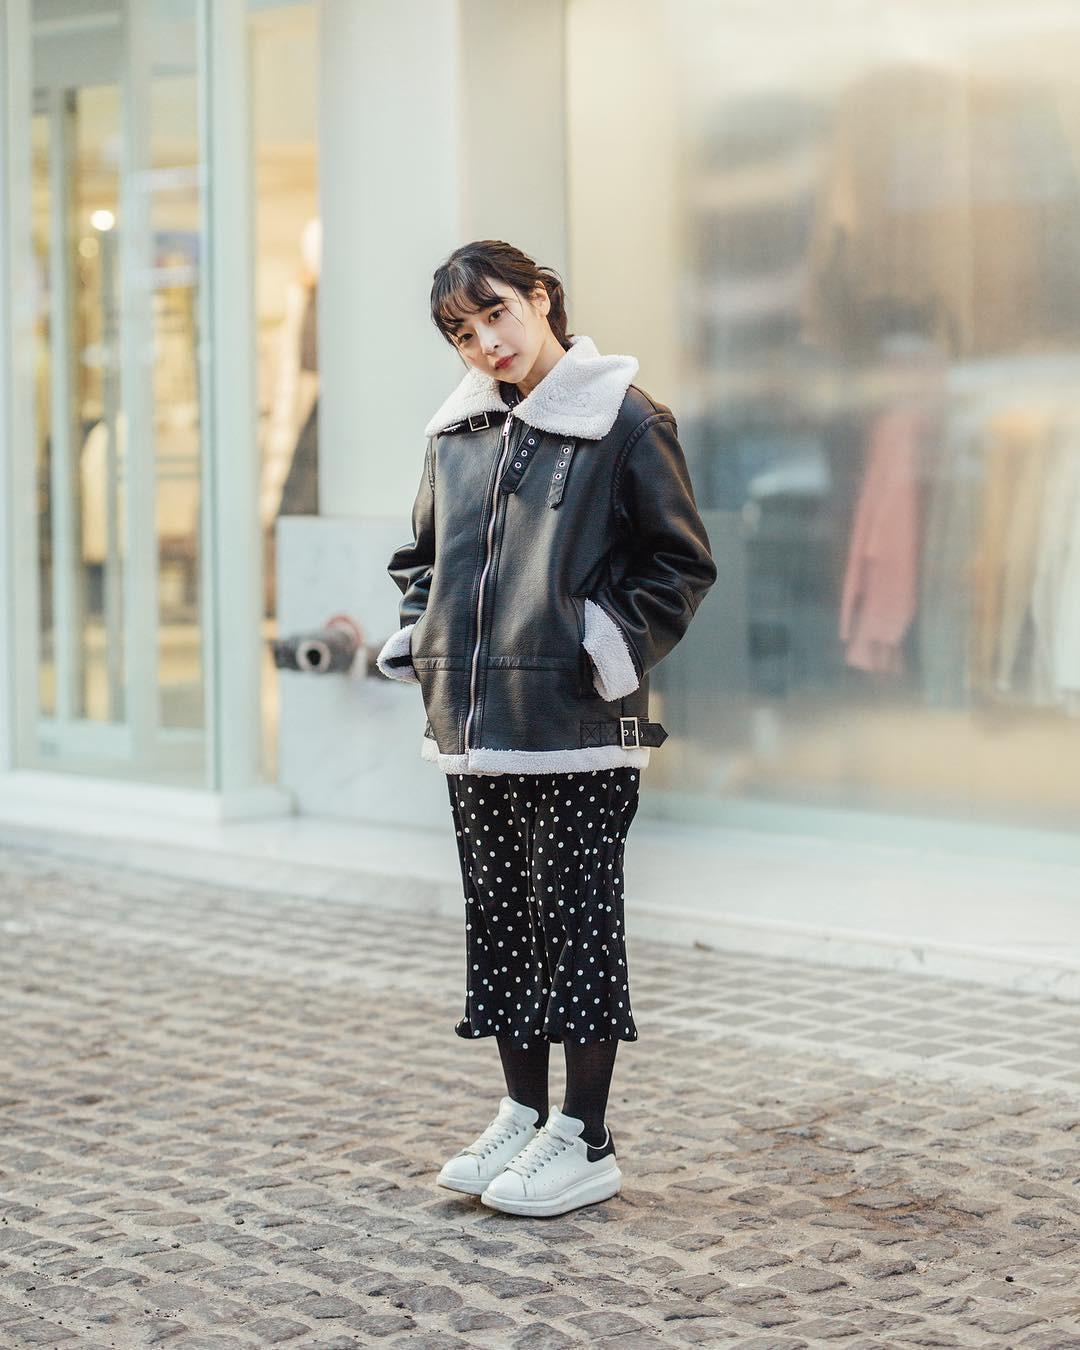 Mê phong cách đơn giản, bụi bặm hay chanh xả, bạn cũng sẽ bỏ túi được cả rổ gợi ý từ street style tuần qua của giới trẻ Hàn - Ảnh 6.